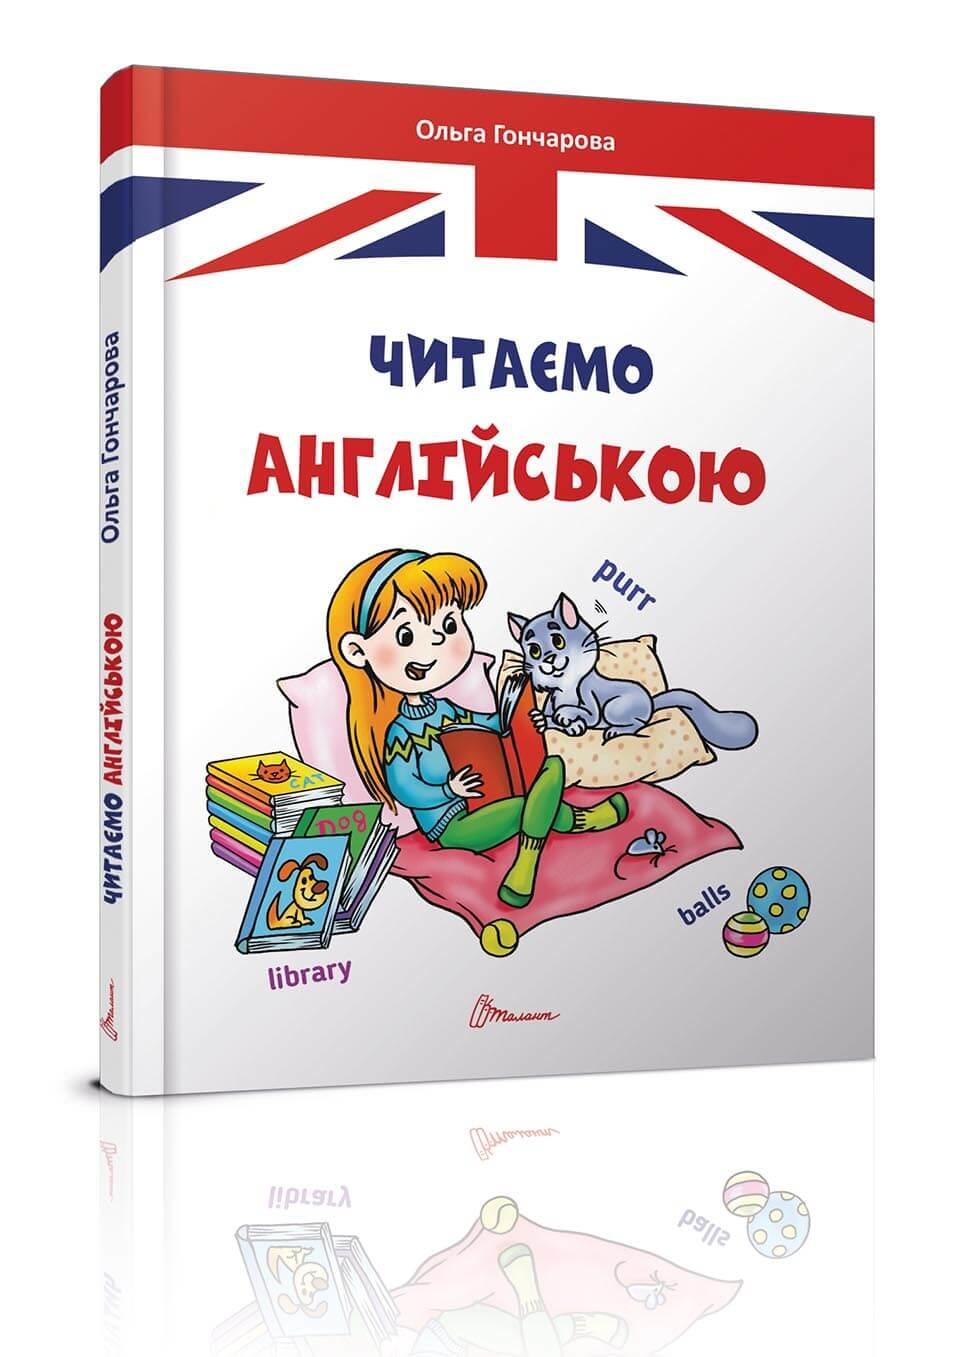 Купить Читаємо англійською, Елена Гончарова, 978-966-935-532-4